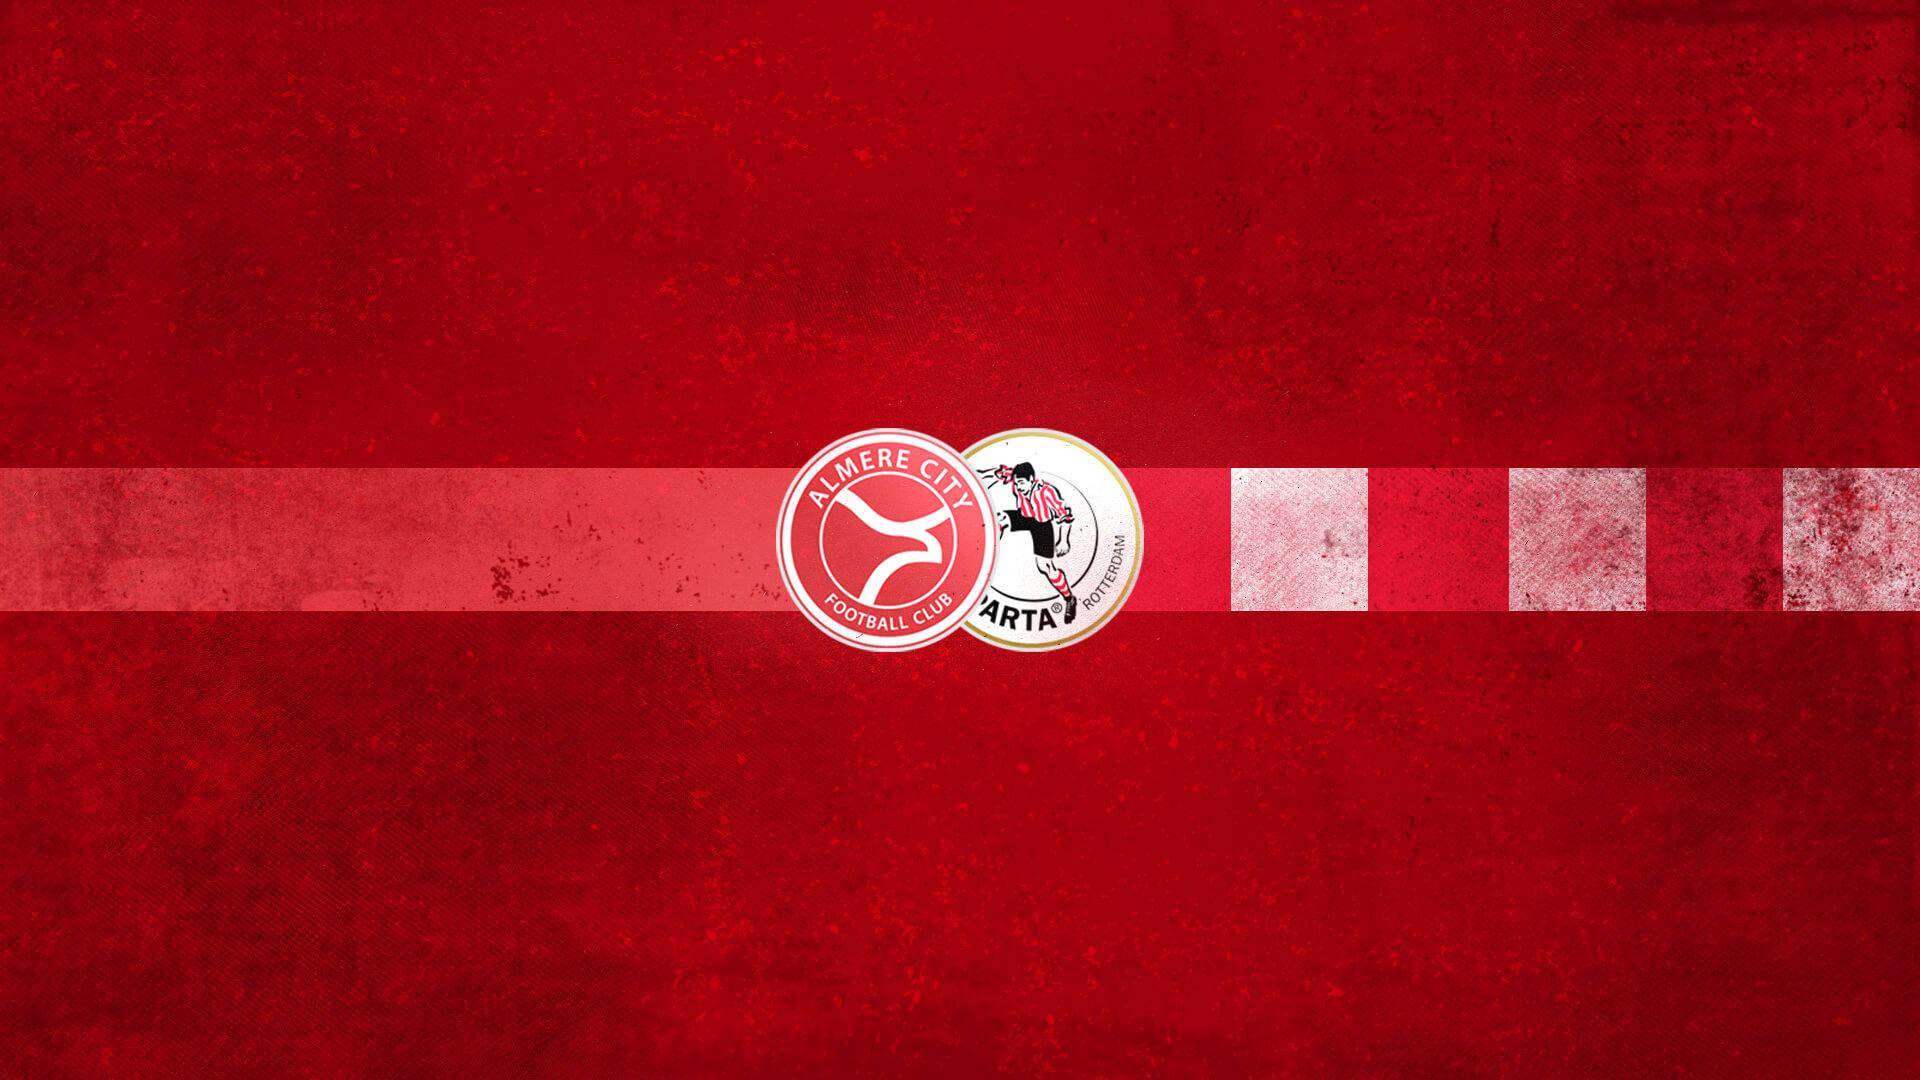 Voorbeschouwing: Almere City FC doet bij winst op Sparta weer volop mee voor de play-offs